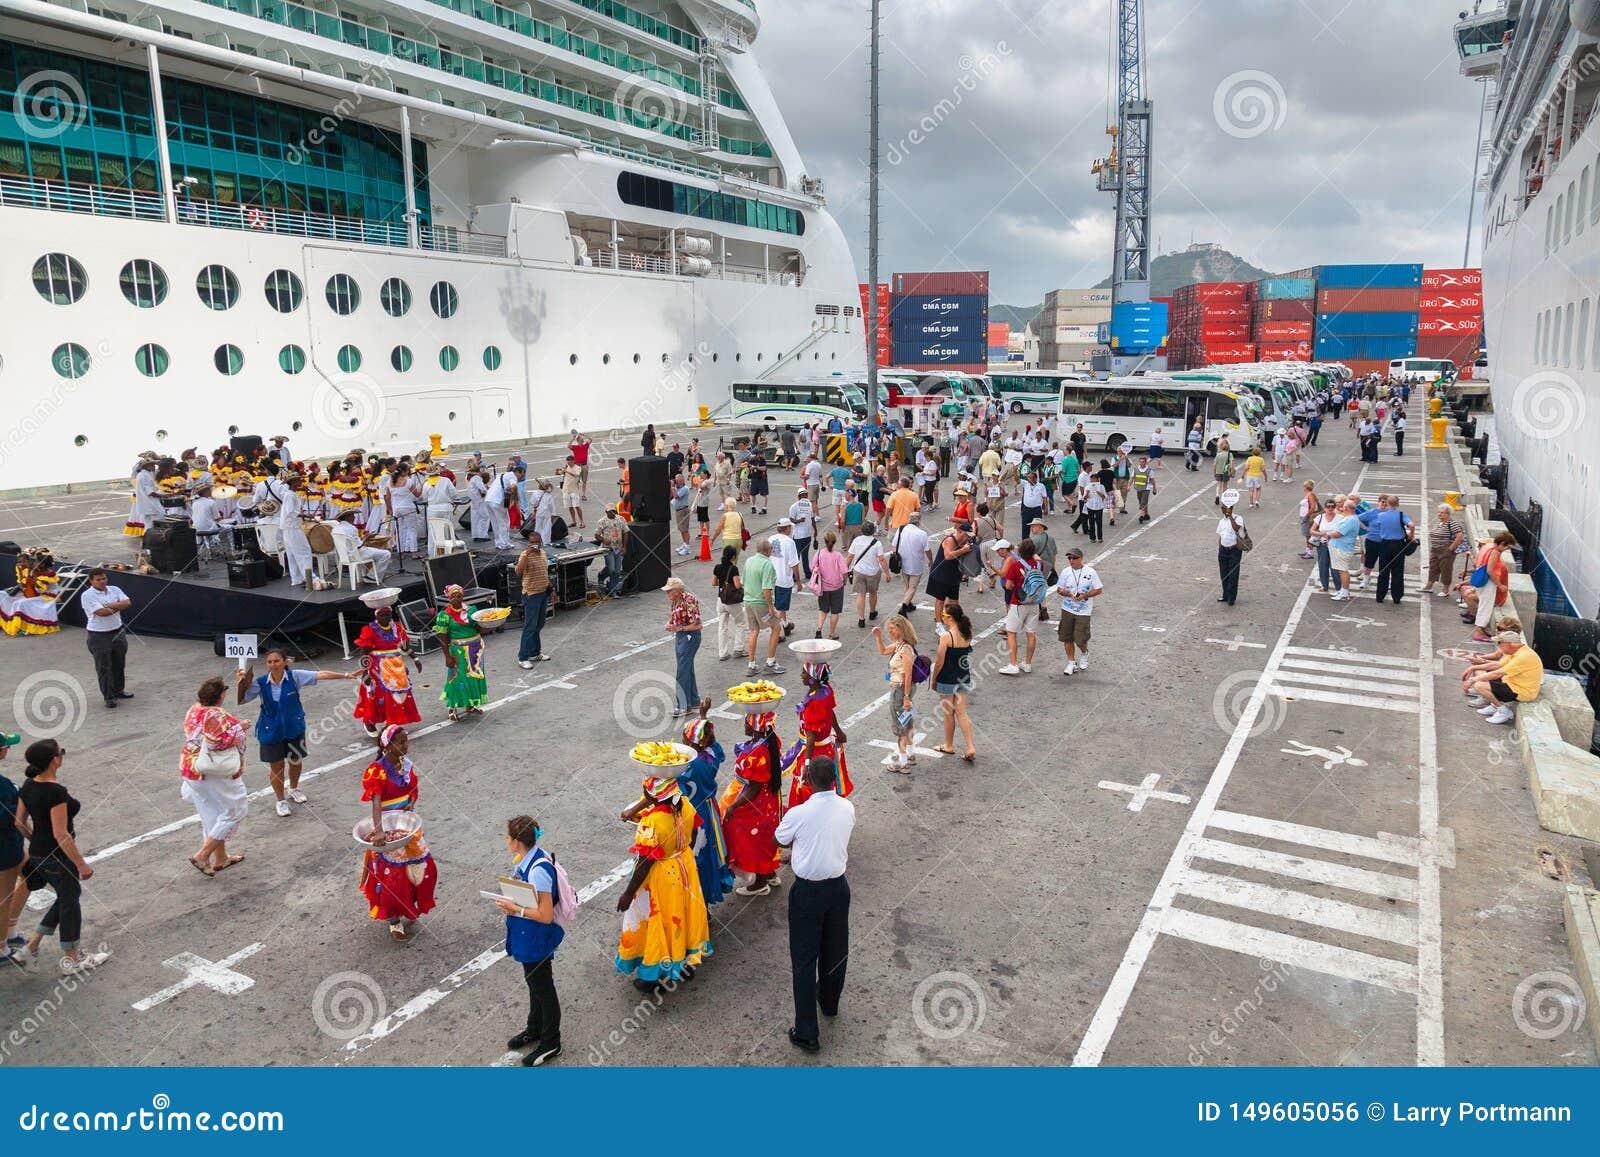 在卡塔赫钠港的热烈欢迎,游轮客人下船